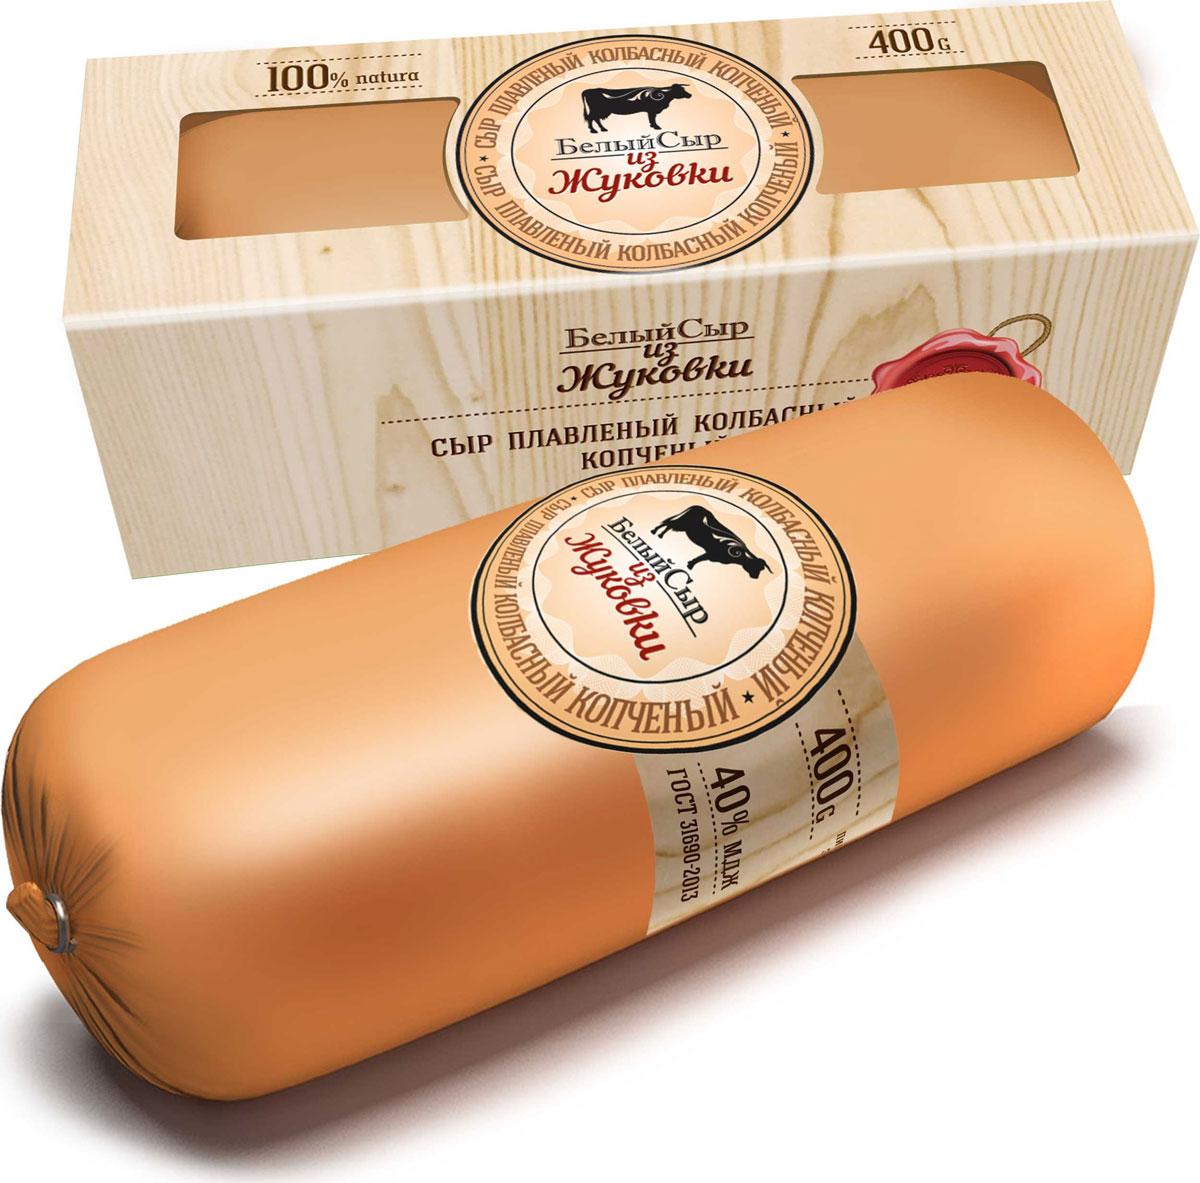 Белый сыр из Жуковки Сыр Колбасный, копченый 40%, 400 г volkomolko сыр фета веганский 280 г